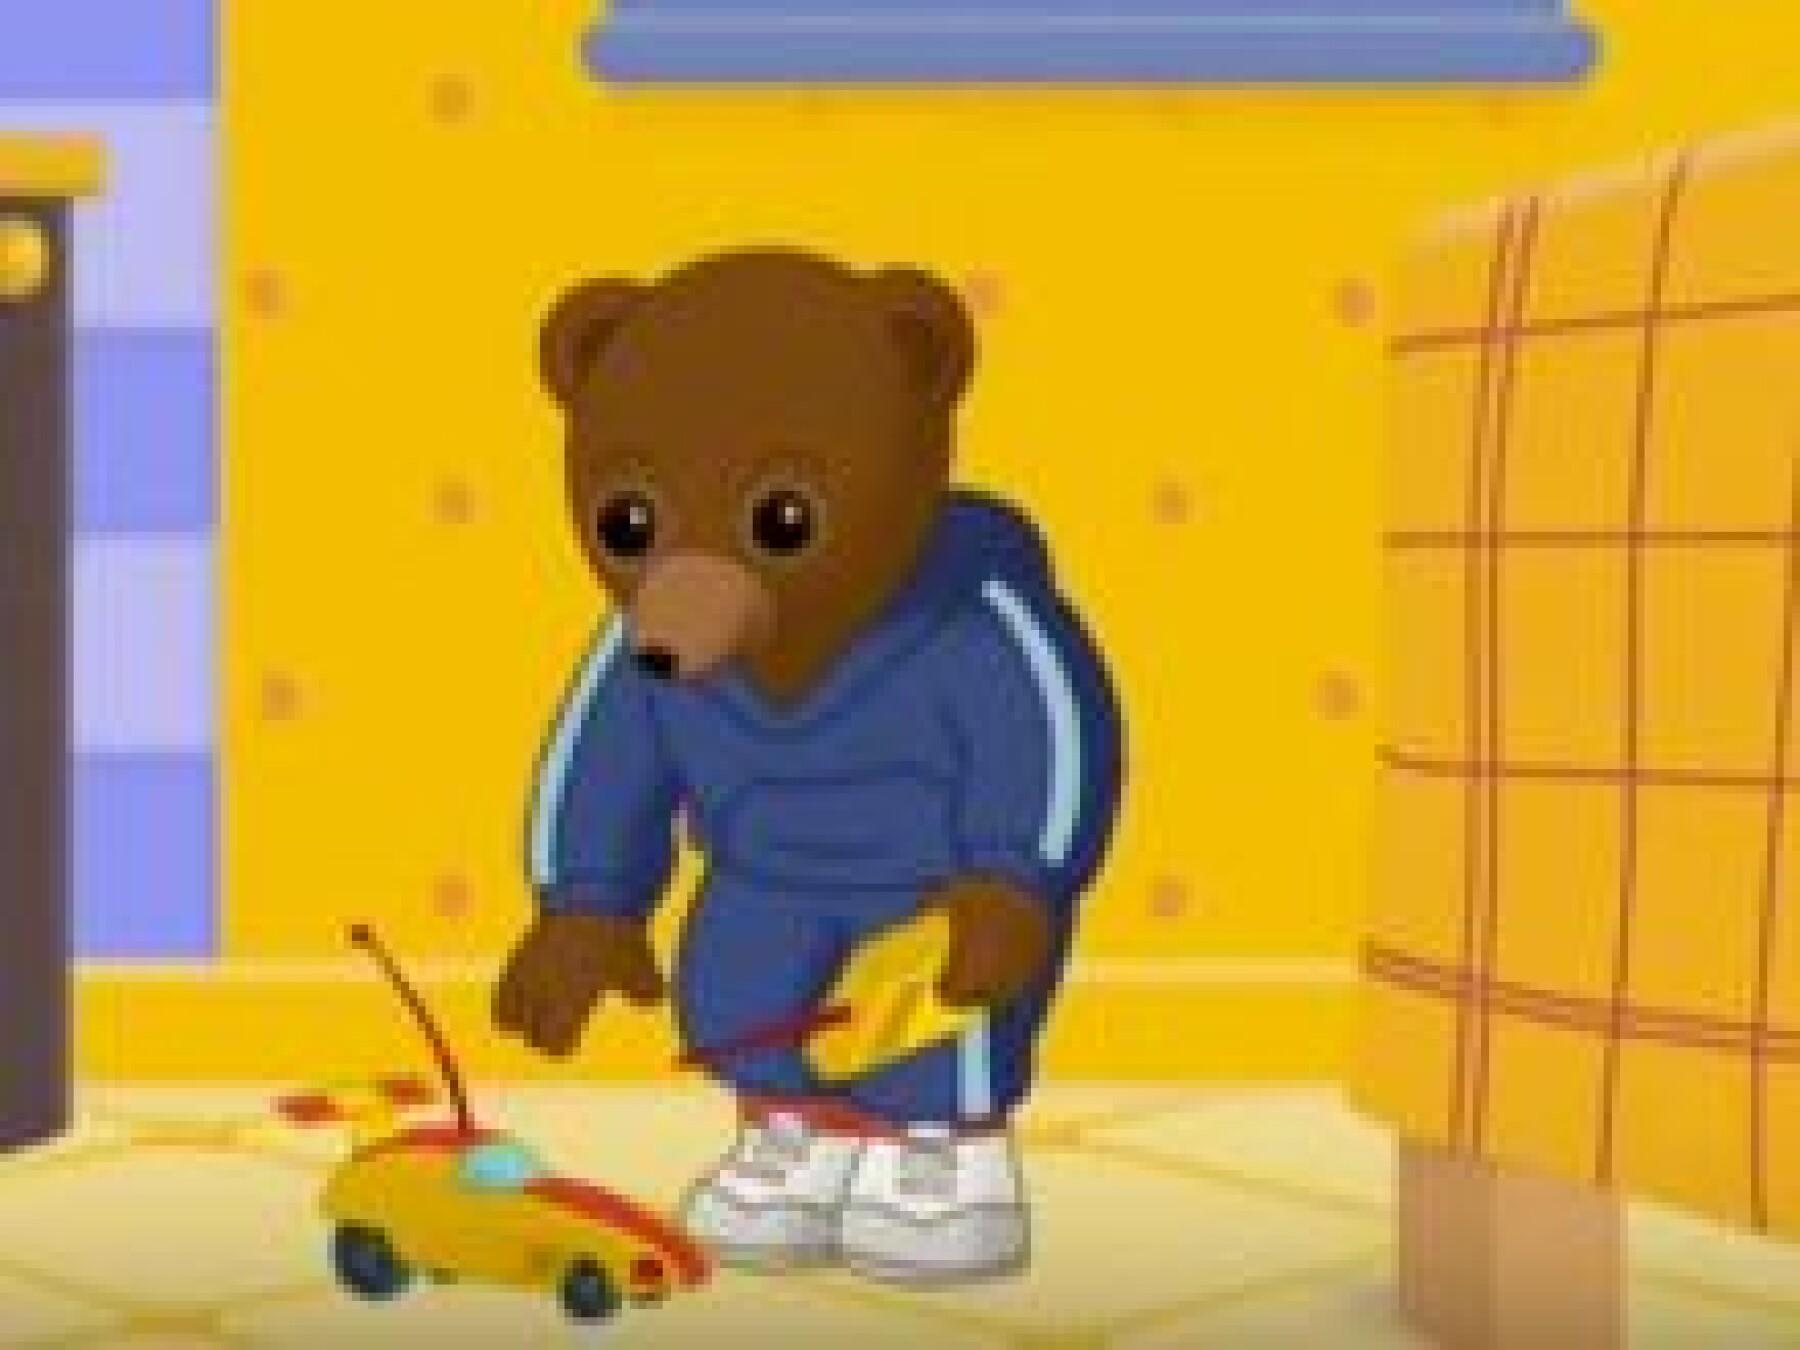 Petit Ours Brun casse son jouet